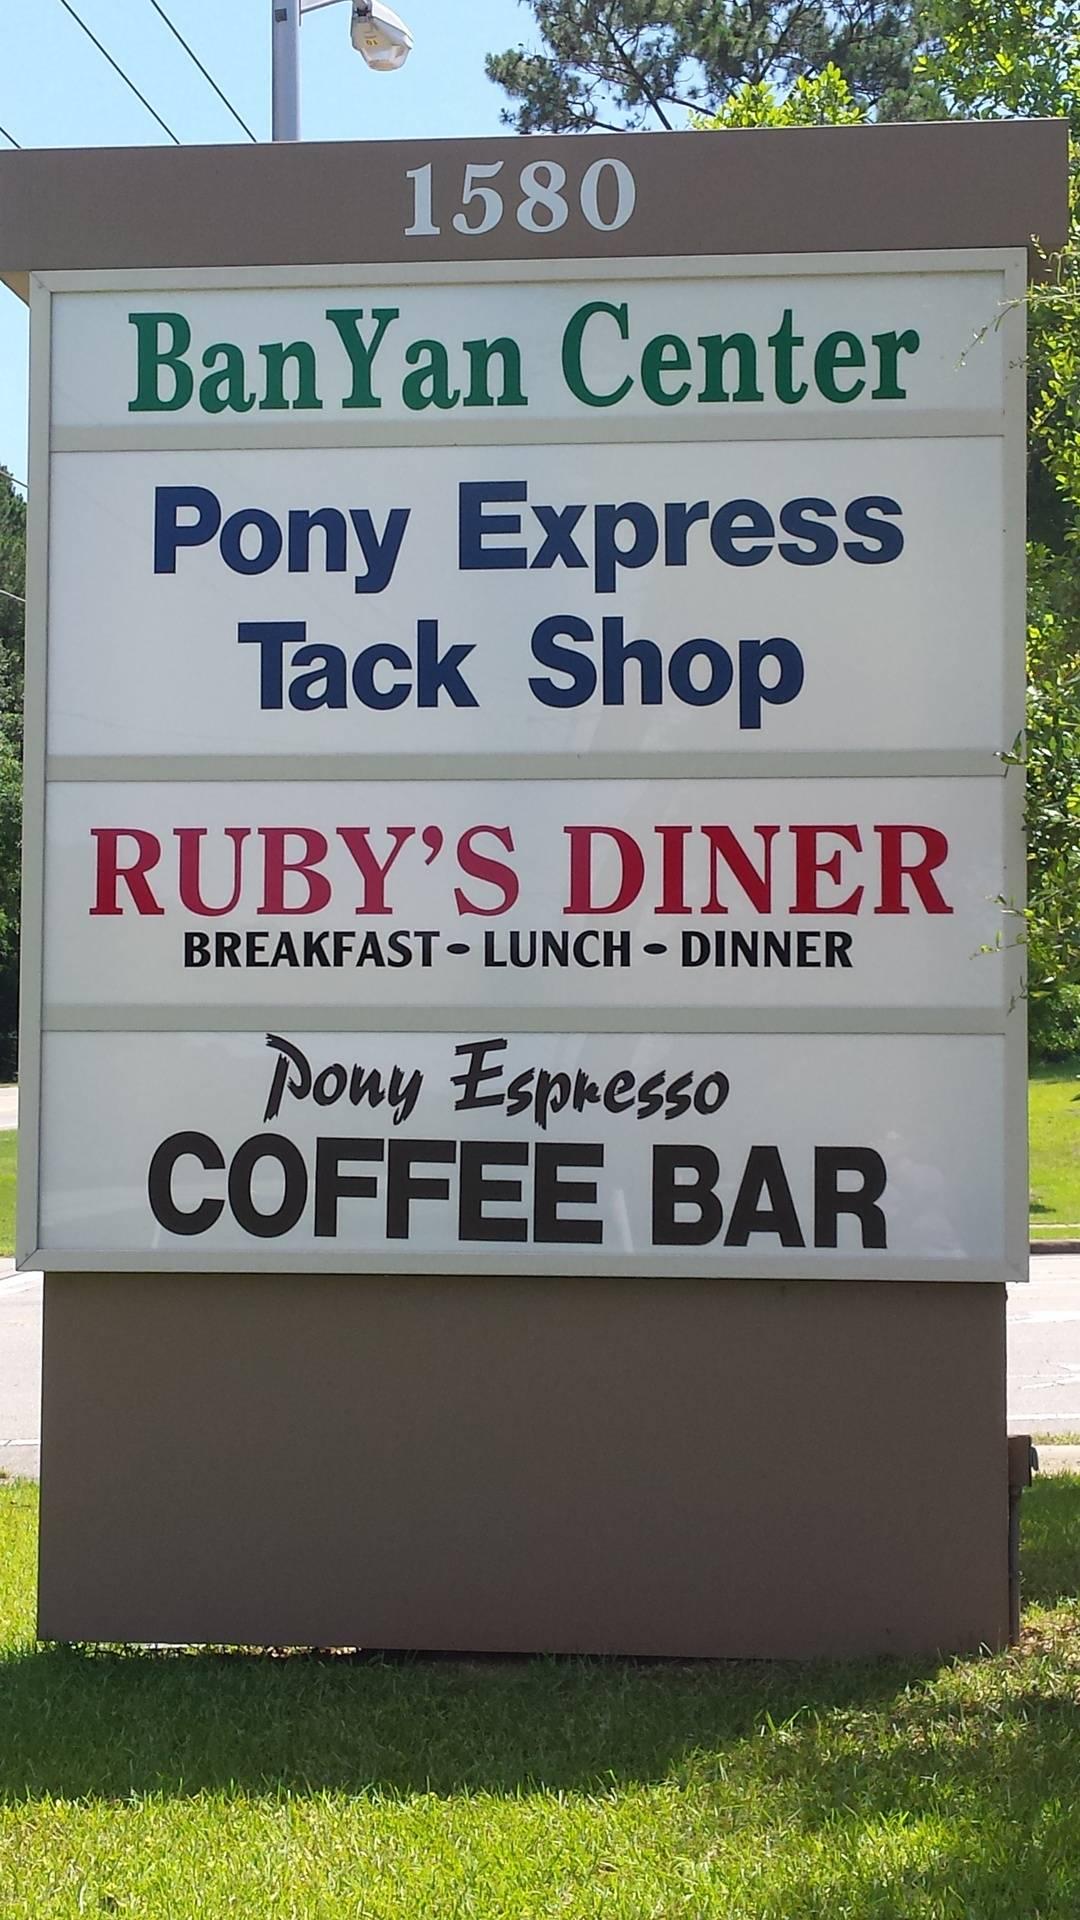 Pony Express Tack & Riding Shop, 1580 Summit Lake Dr. , Tallahassee, Florida, 32317, USA